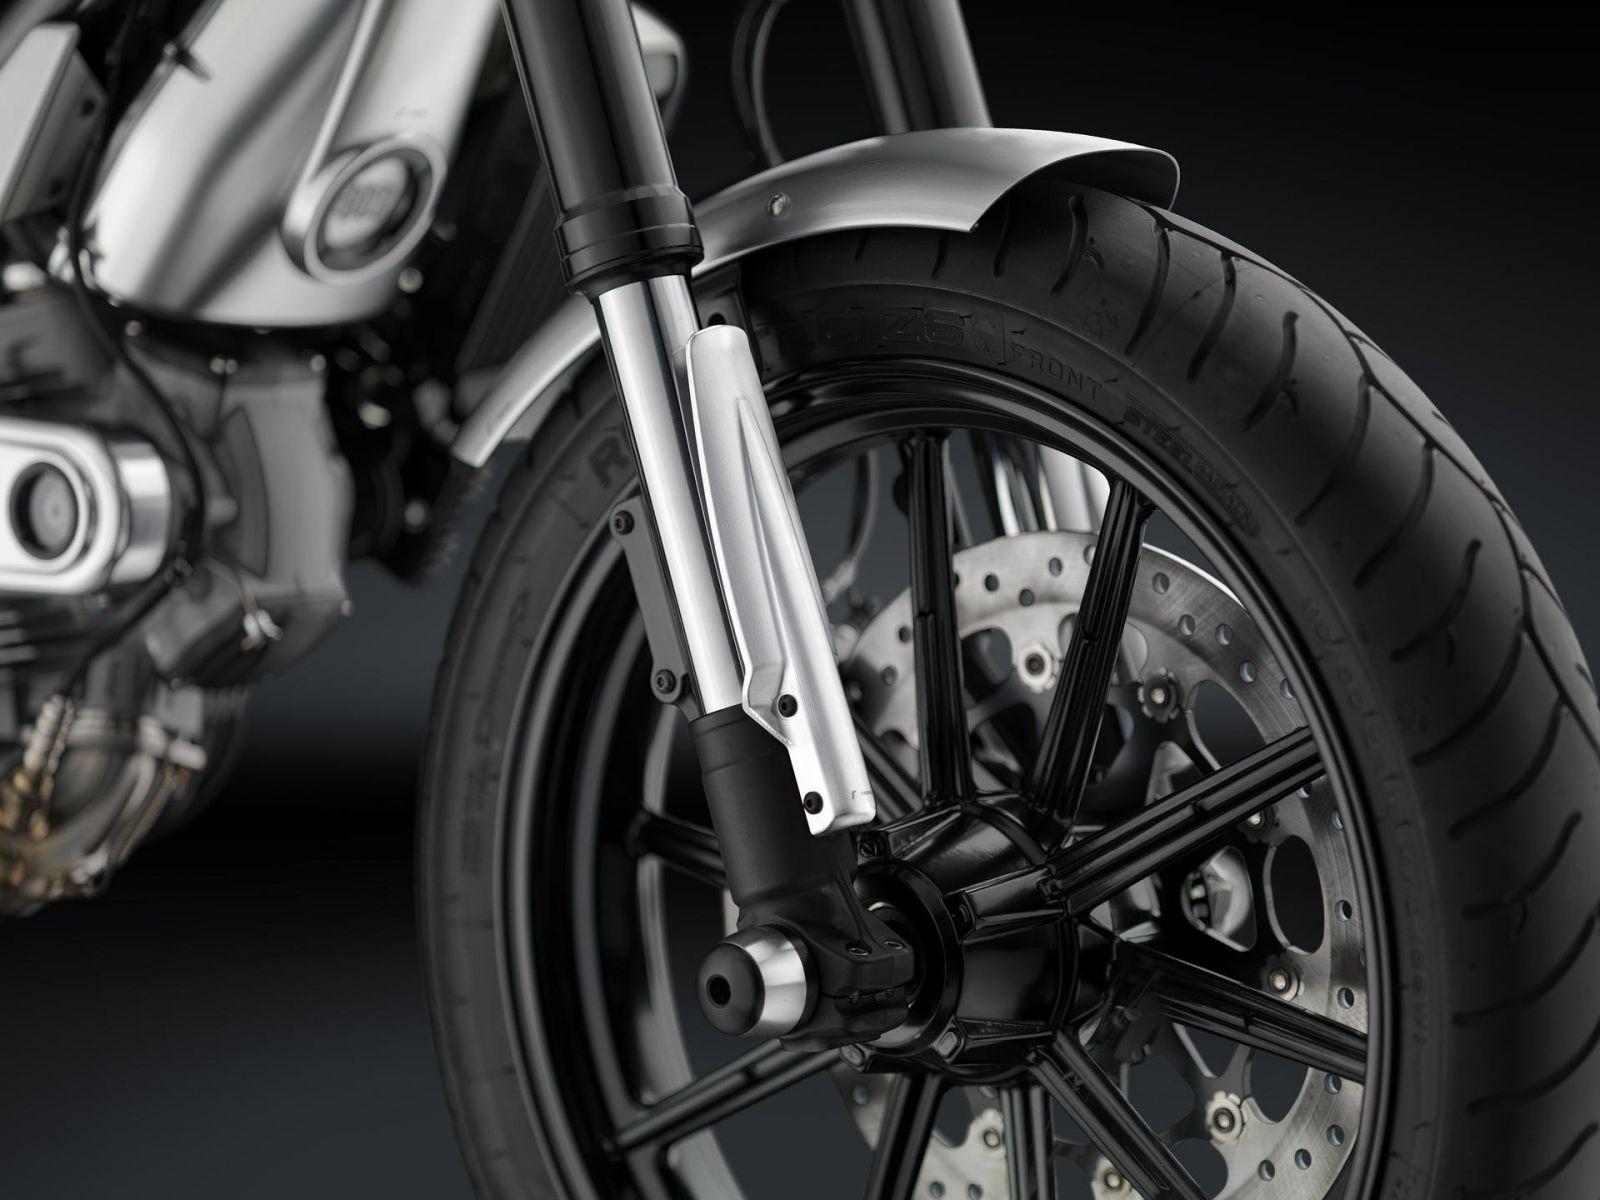 Защита перьев вилки Rizoma для Ducati Scrambler 15-17